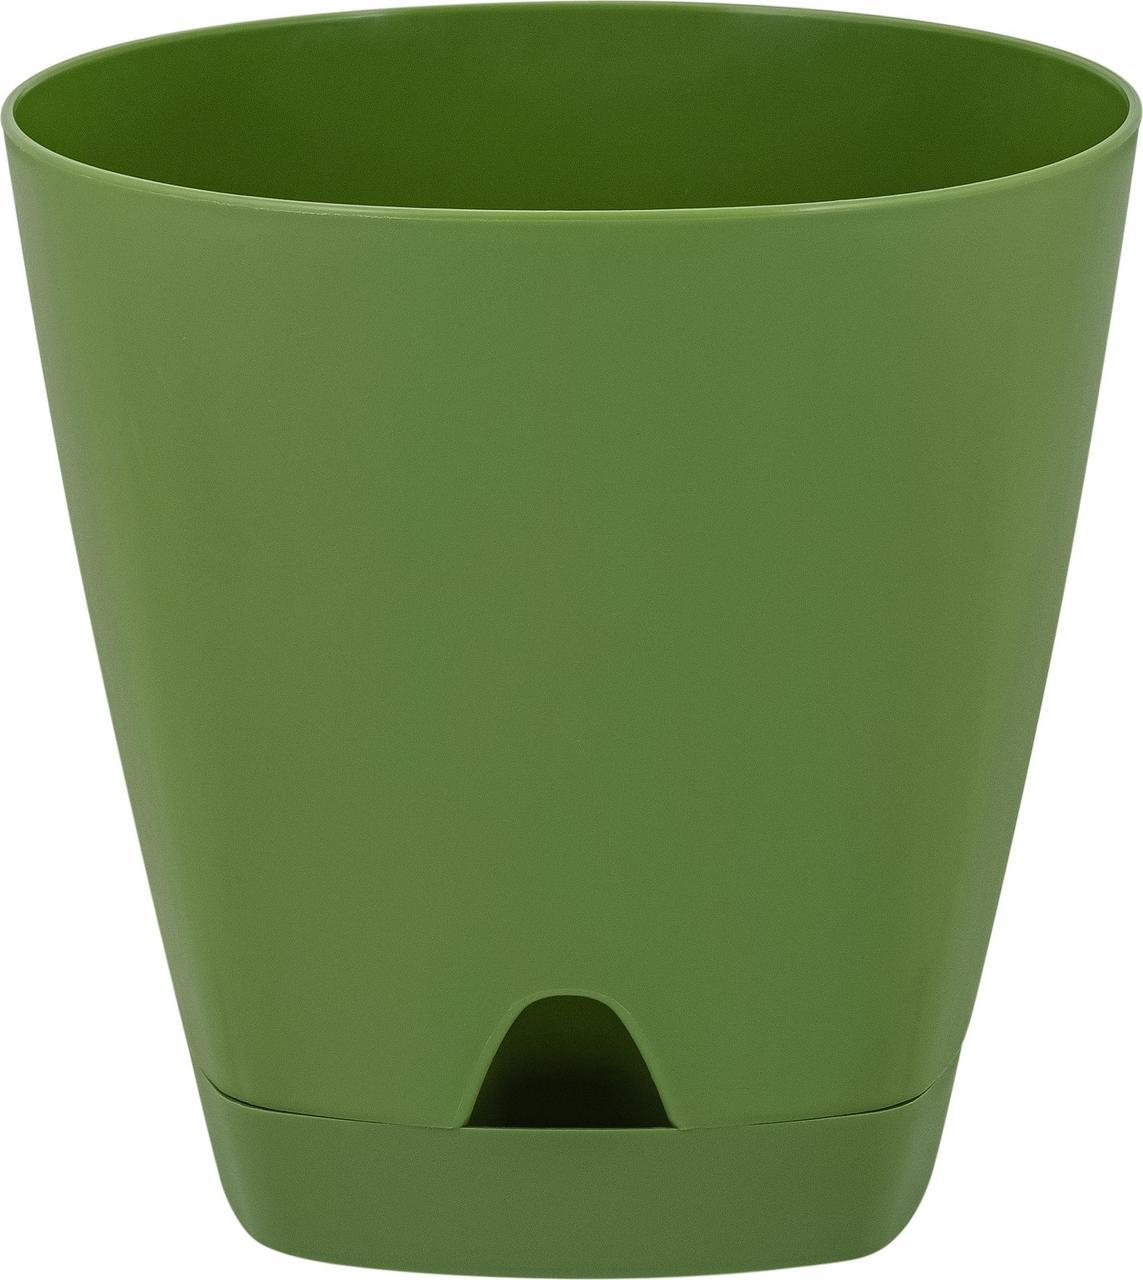 Горшок для цветов AMSTERDAM D110mm / 0,65l с прикорневым поливом оливковый